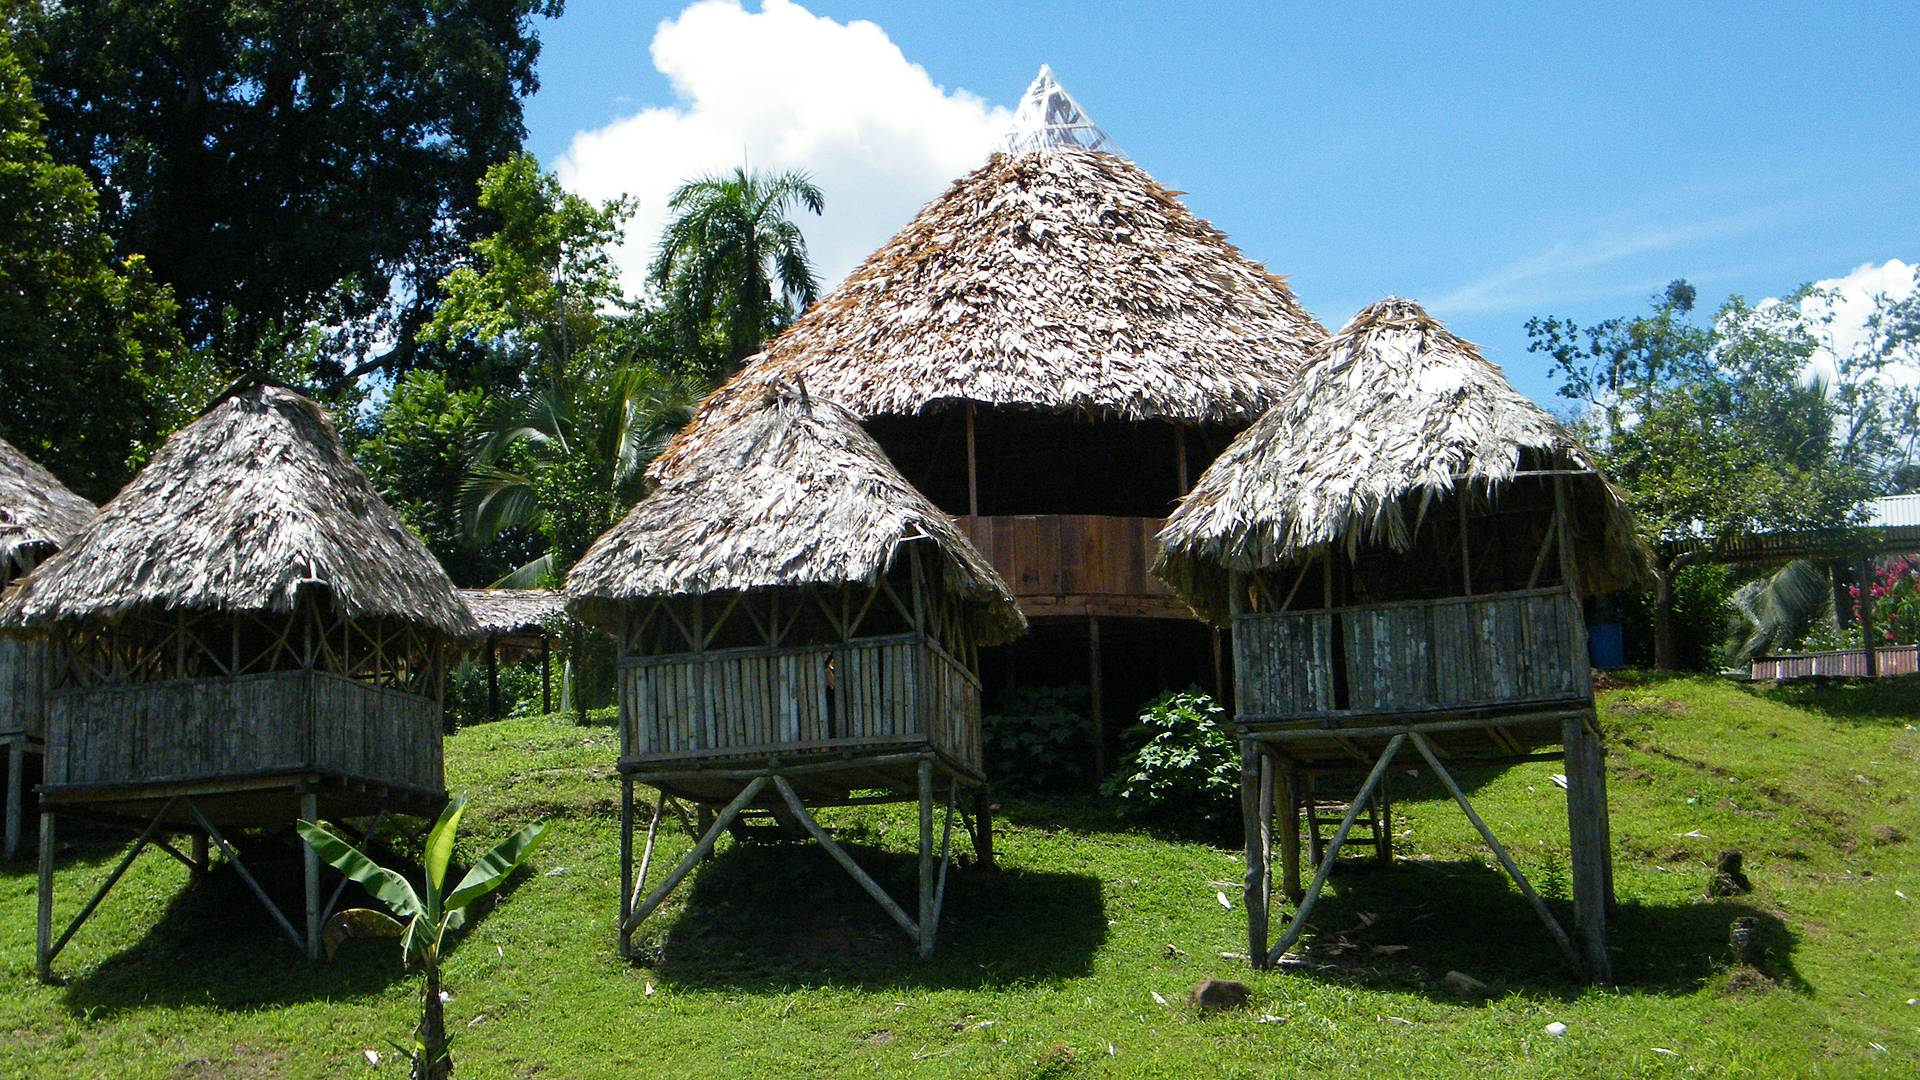 Découverte de la biodiversité et aventure en famille au pays du Quetzal